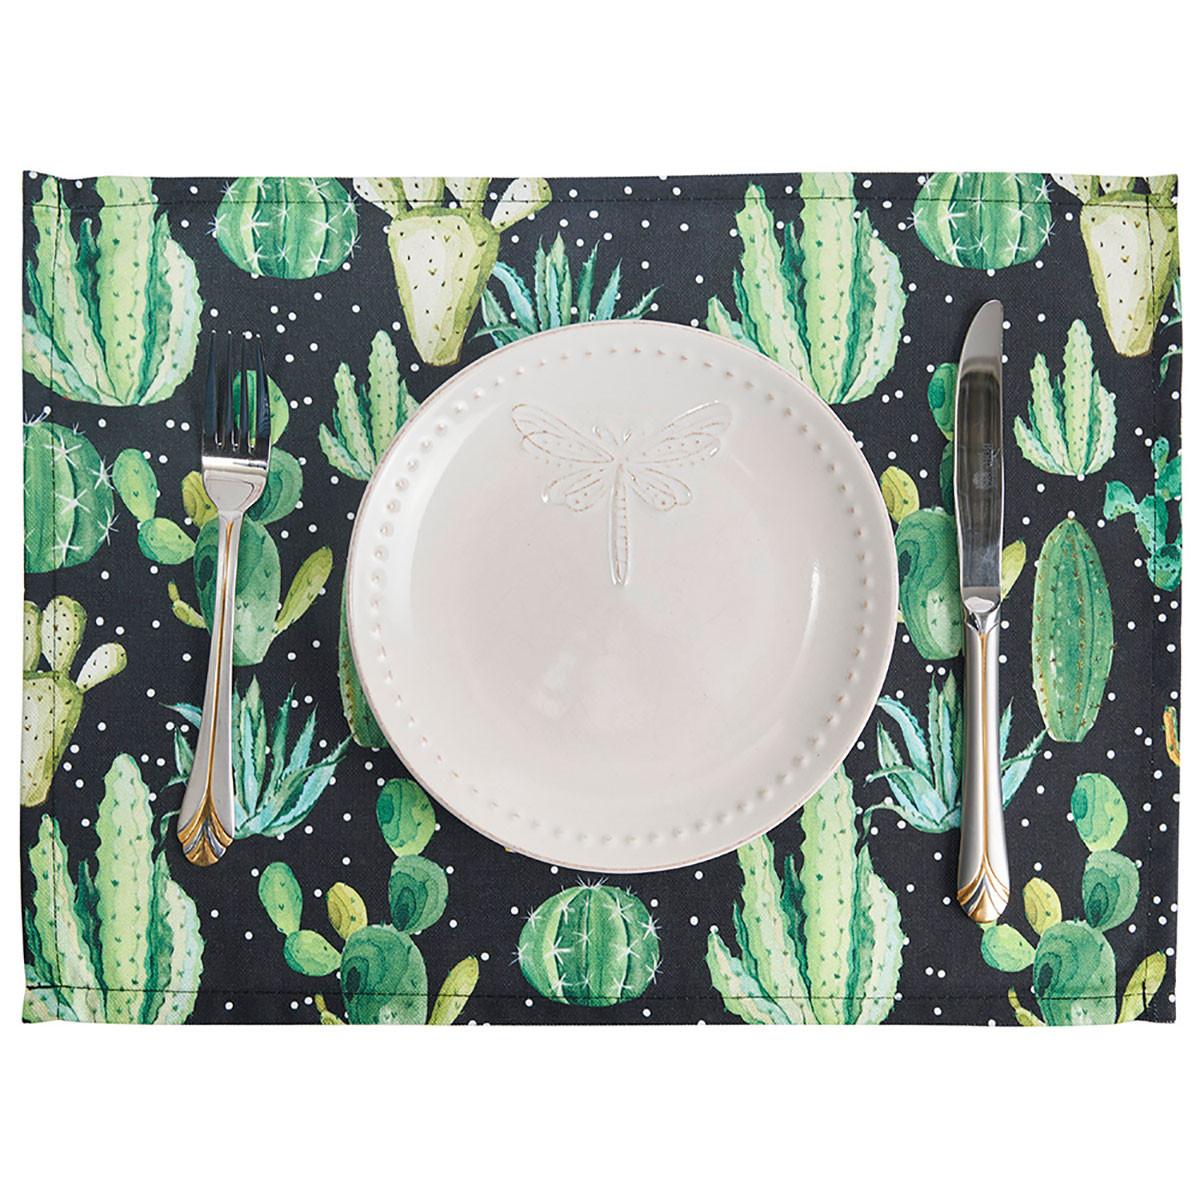 Σουπλά (Σετ 2τμχ) Apolena Cactus Black 790-6211/1